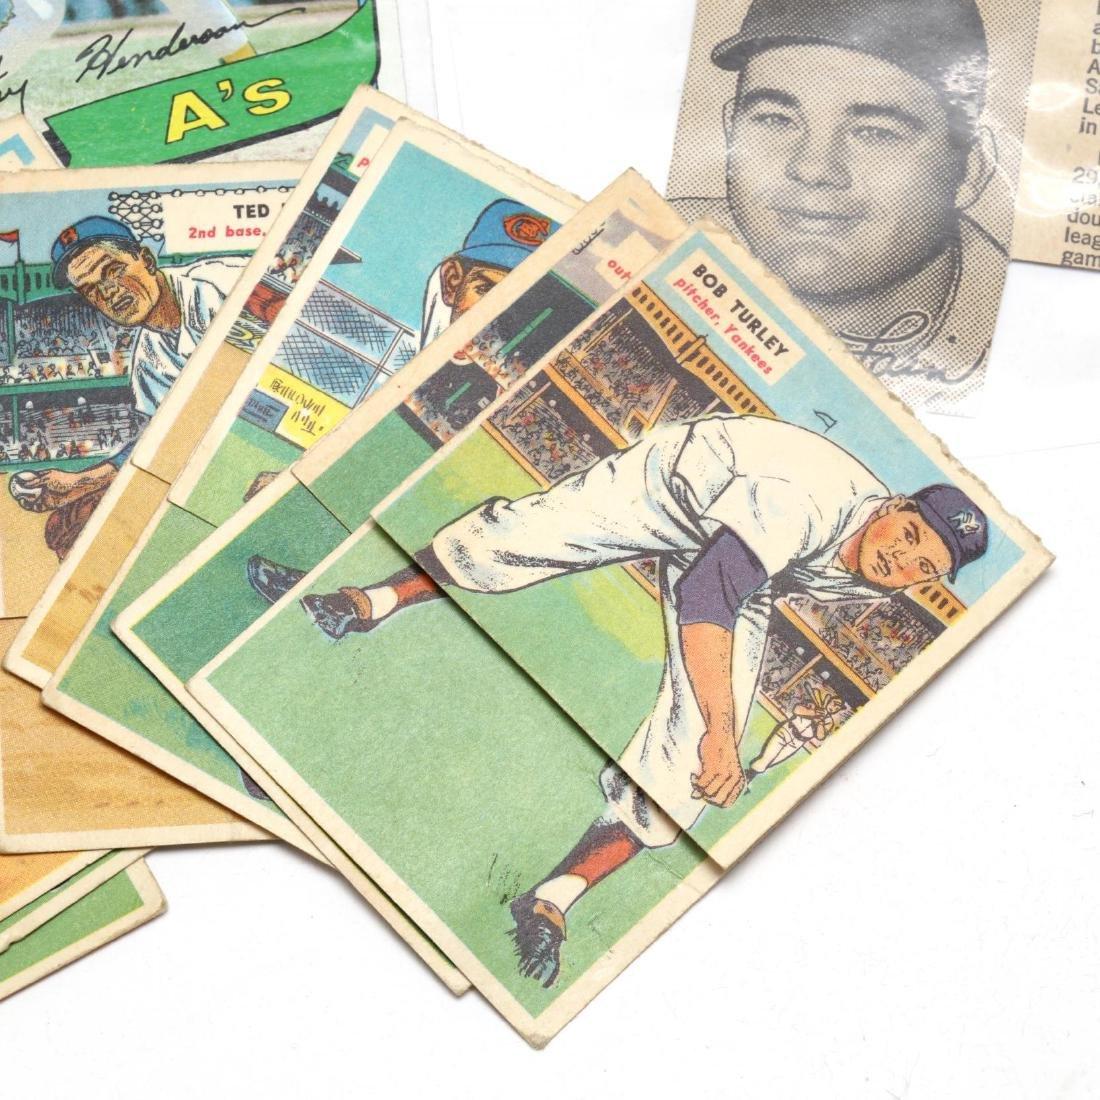 Vintage Baseball Cards and Ephemera Grouping - 2